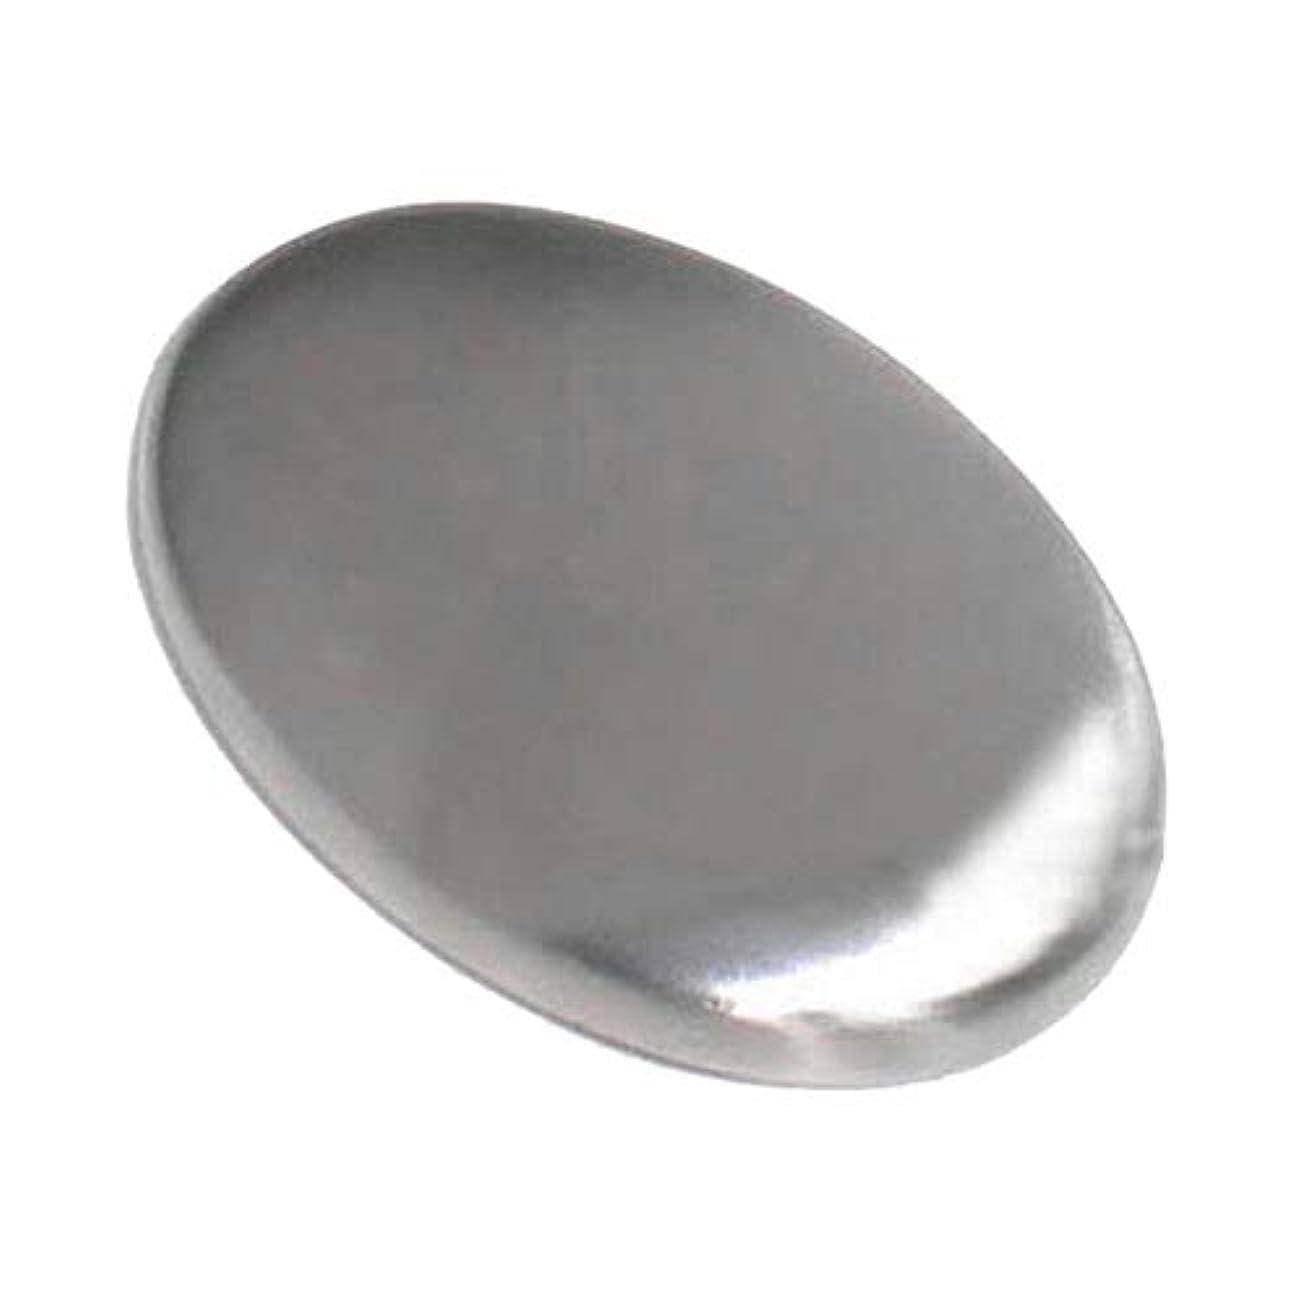 バトル瀬戸際またはHillrong ステンレスソープ ステンレス石鹸 においとりソープ 円形 臭い取り 異臭を取り除く 台所用具